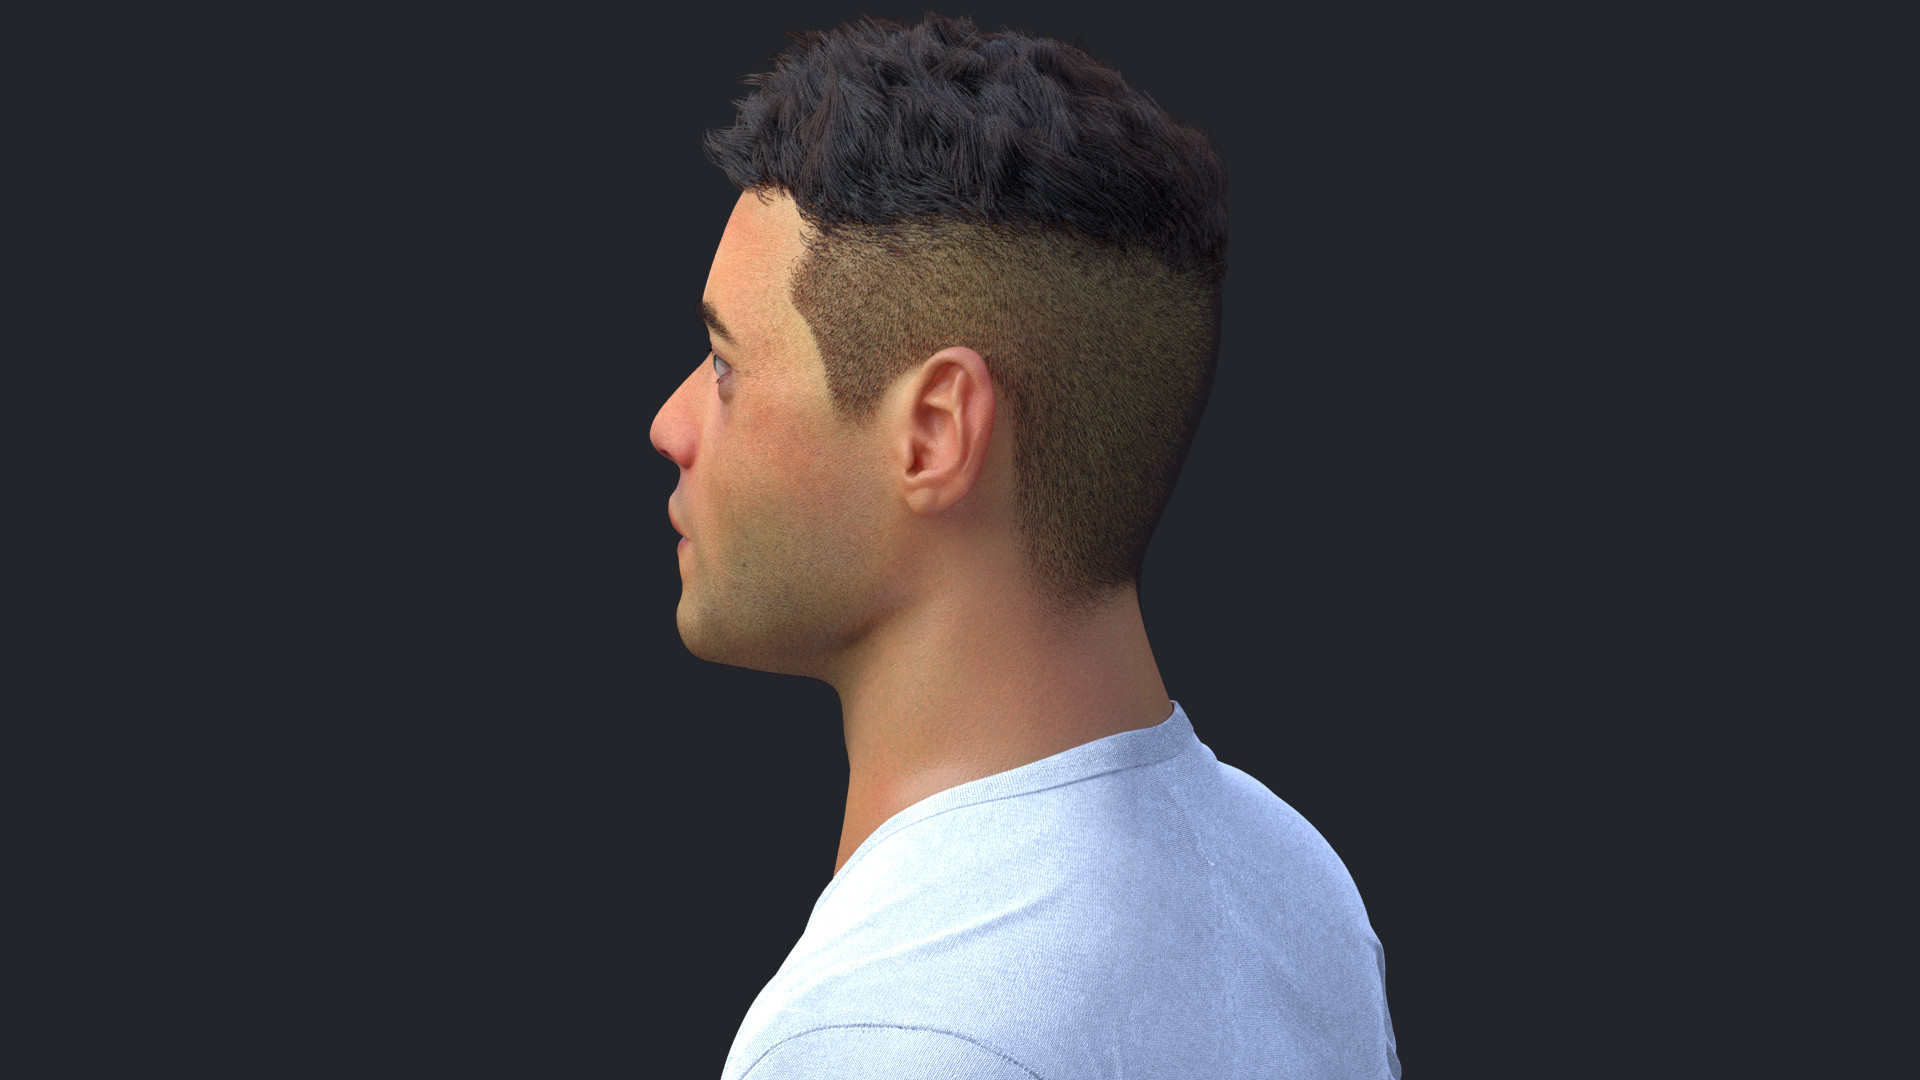 21+ Rami Malek Haircut  Images